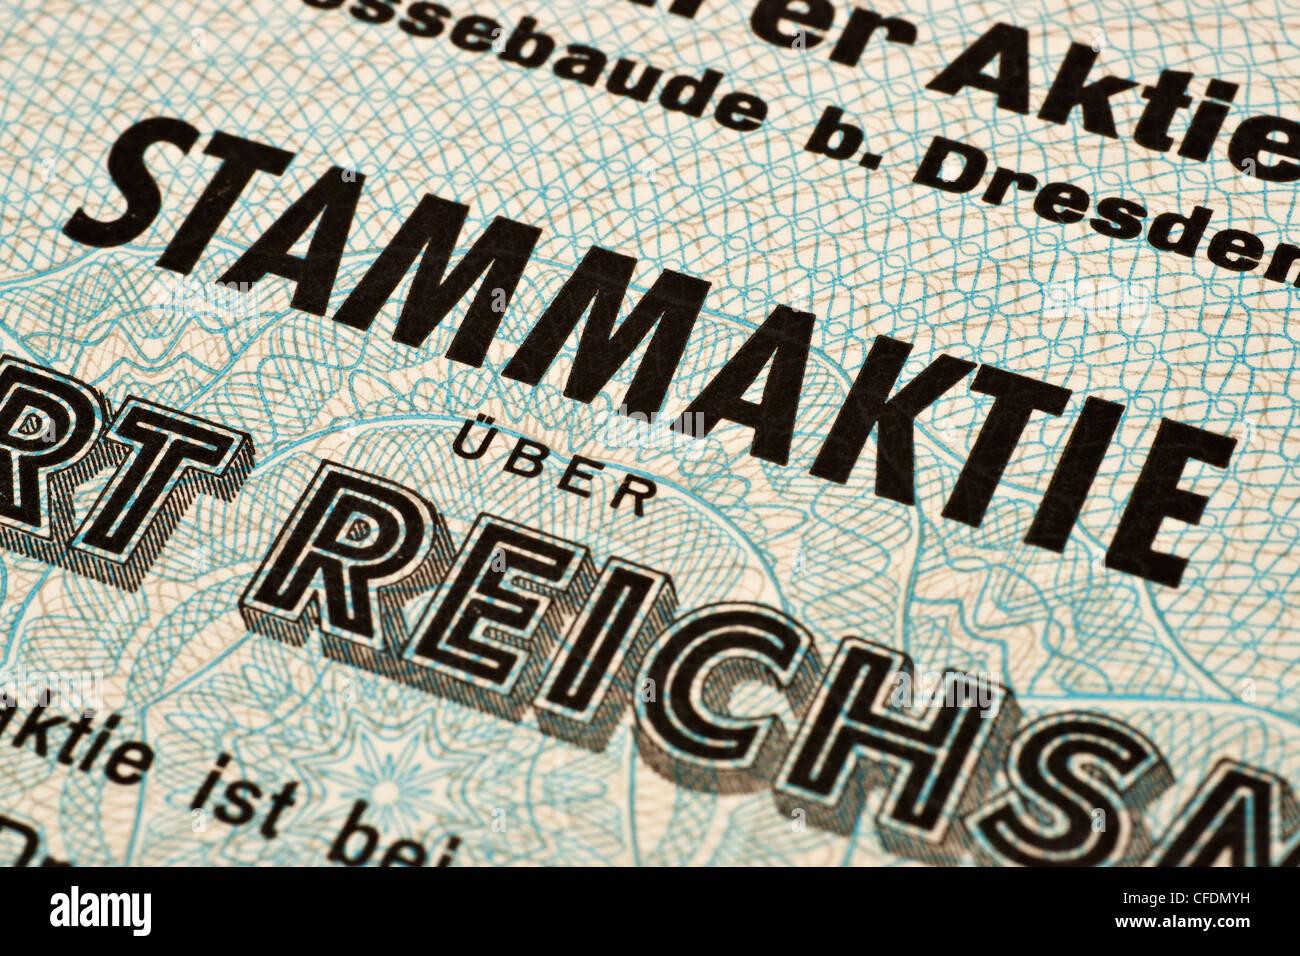 Teilansicht einer alter deutschen Stammaktie   partial view of an old German common share - Stock Image